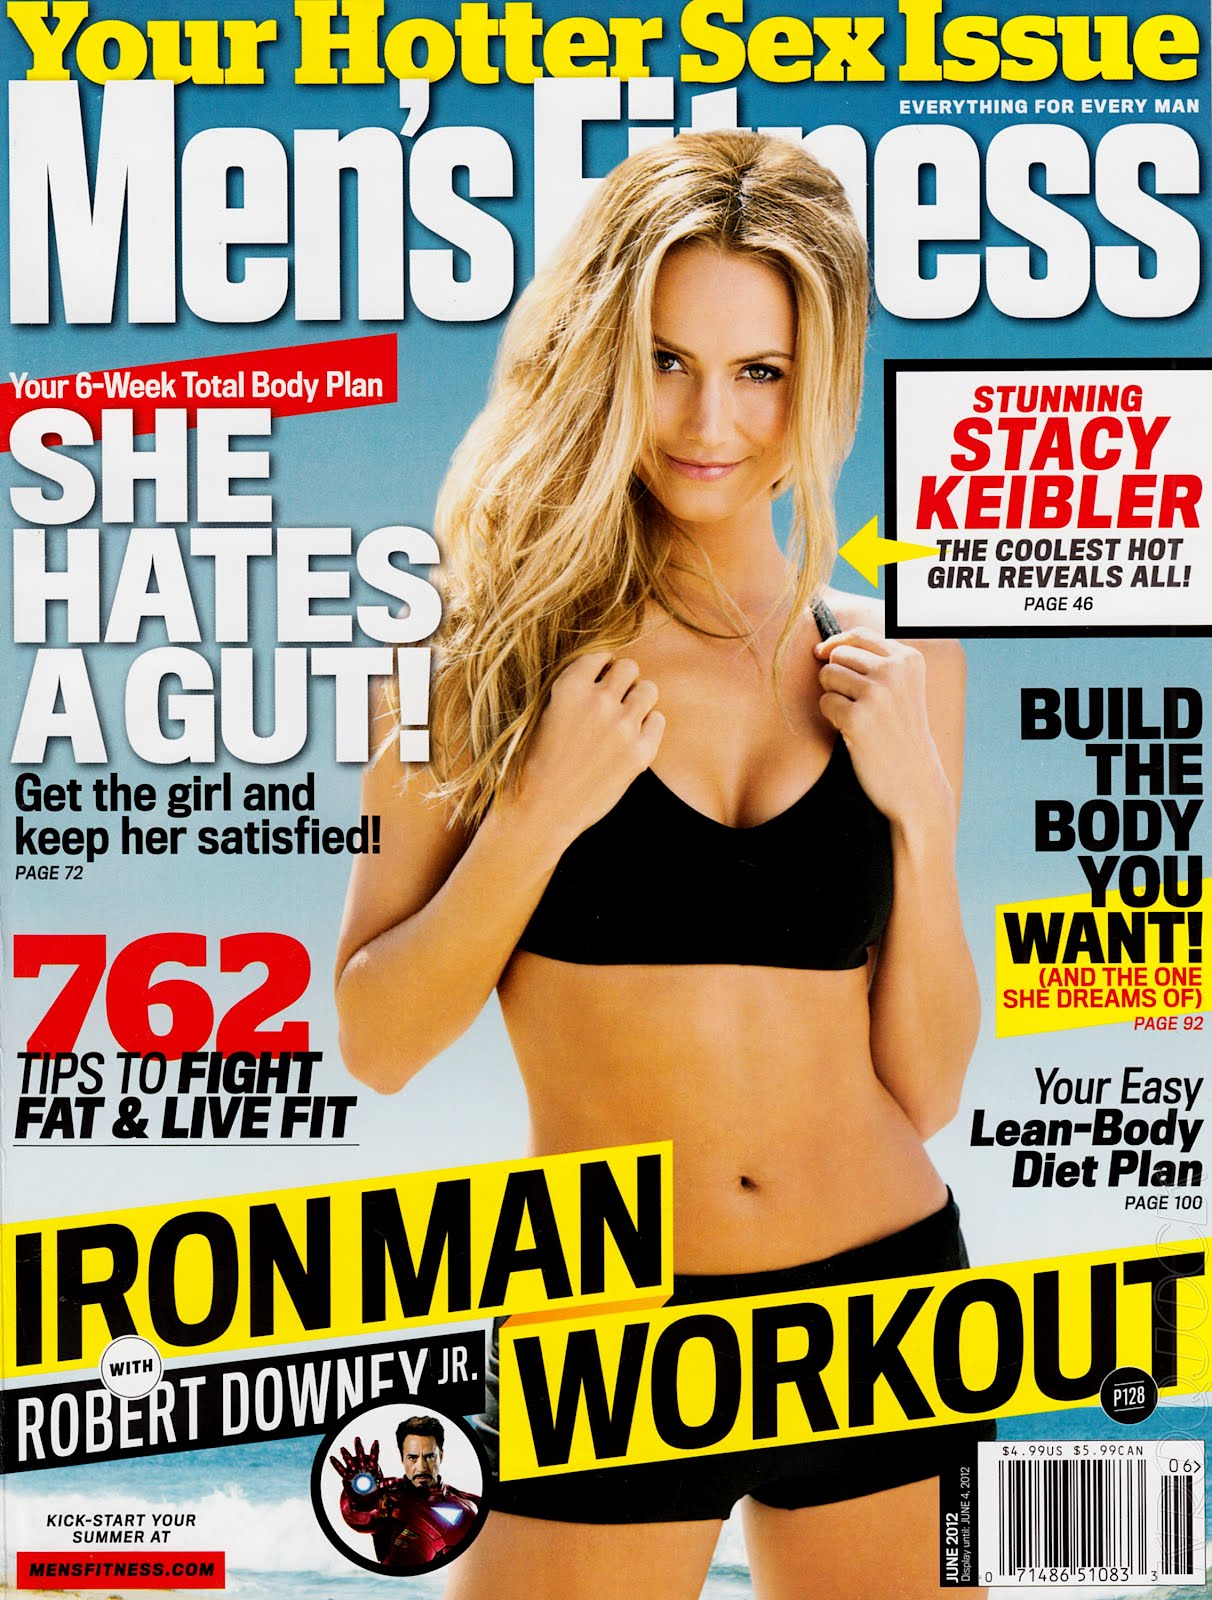 http://2.bp.blogspot.com/-wfiDmmBYvt8/T7jmfaKGJvI/AAAAAAAAF9E/yV1ICPbGqpU/s1600/Stacy%2BKeibler%2BMens%2BFitness%2BMagazine%2BJune%2B2012%2B1.jpg